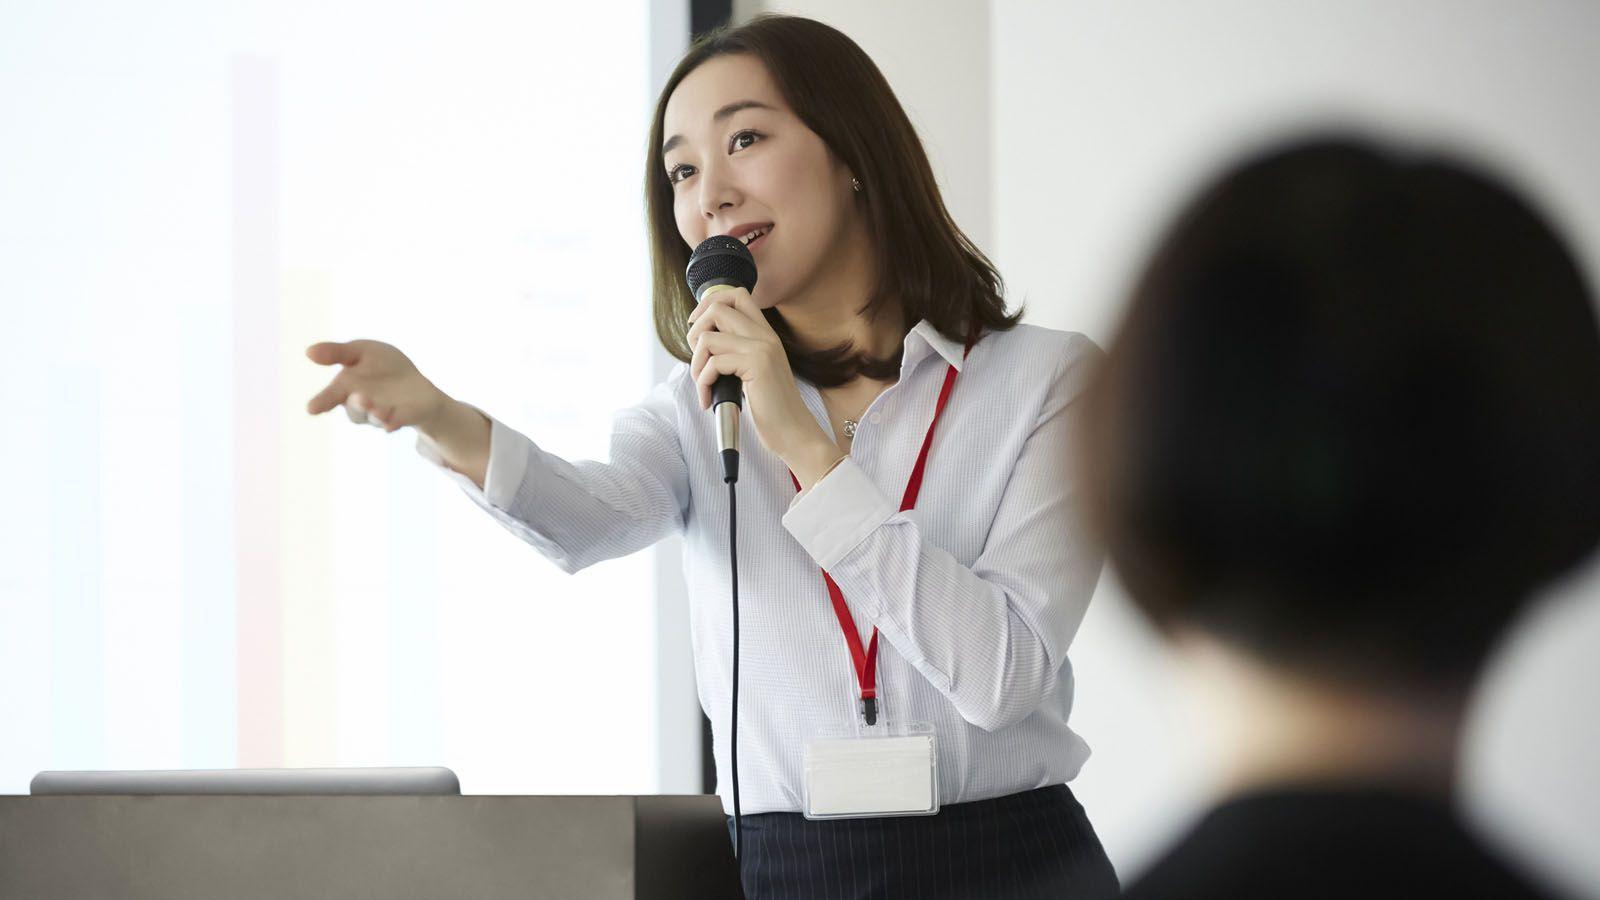 「君の仕事はお茶入れじゃない」その一言が必要だ 女性への「無意識の偏見」を知り、行動変容へ | リーダーシップ・教養・資格・スキル | 東洋経済オンライン